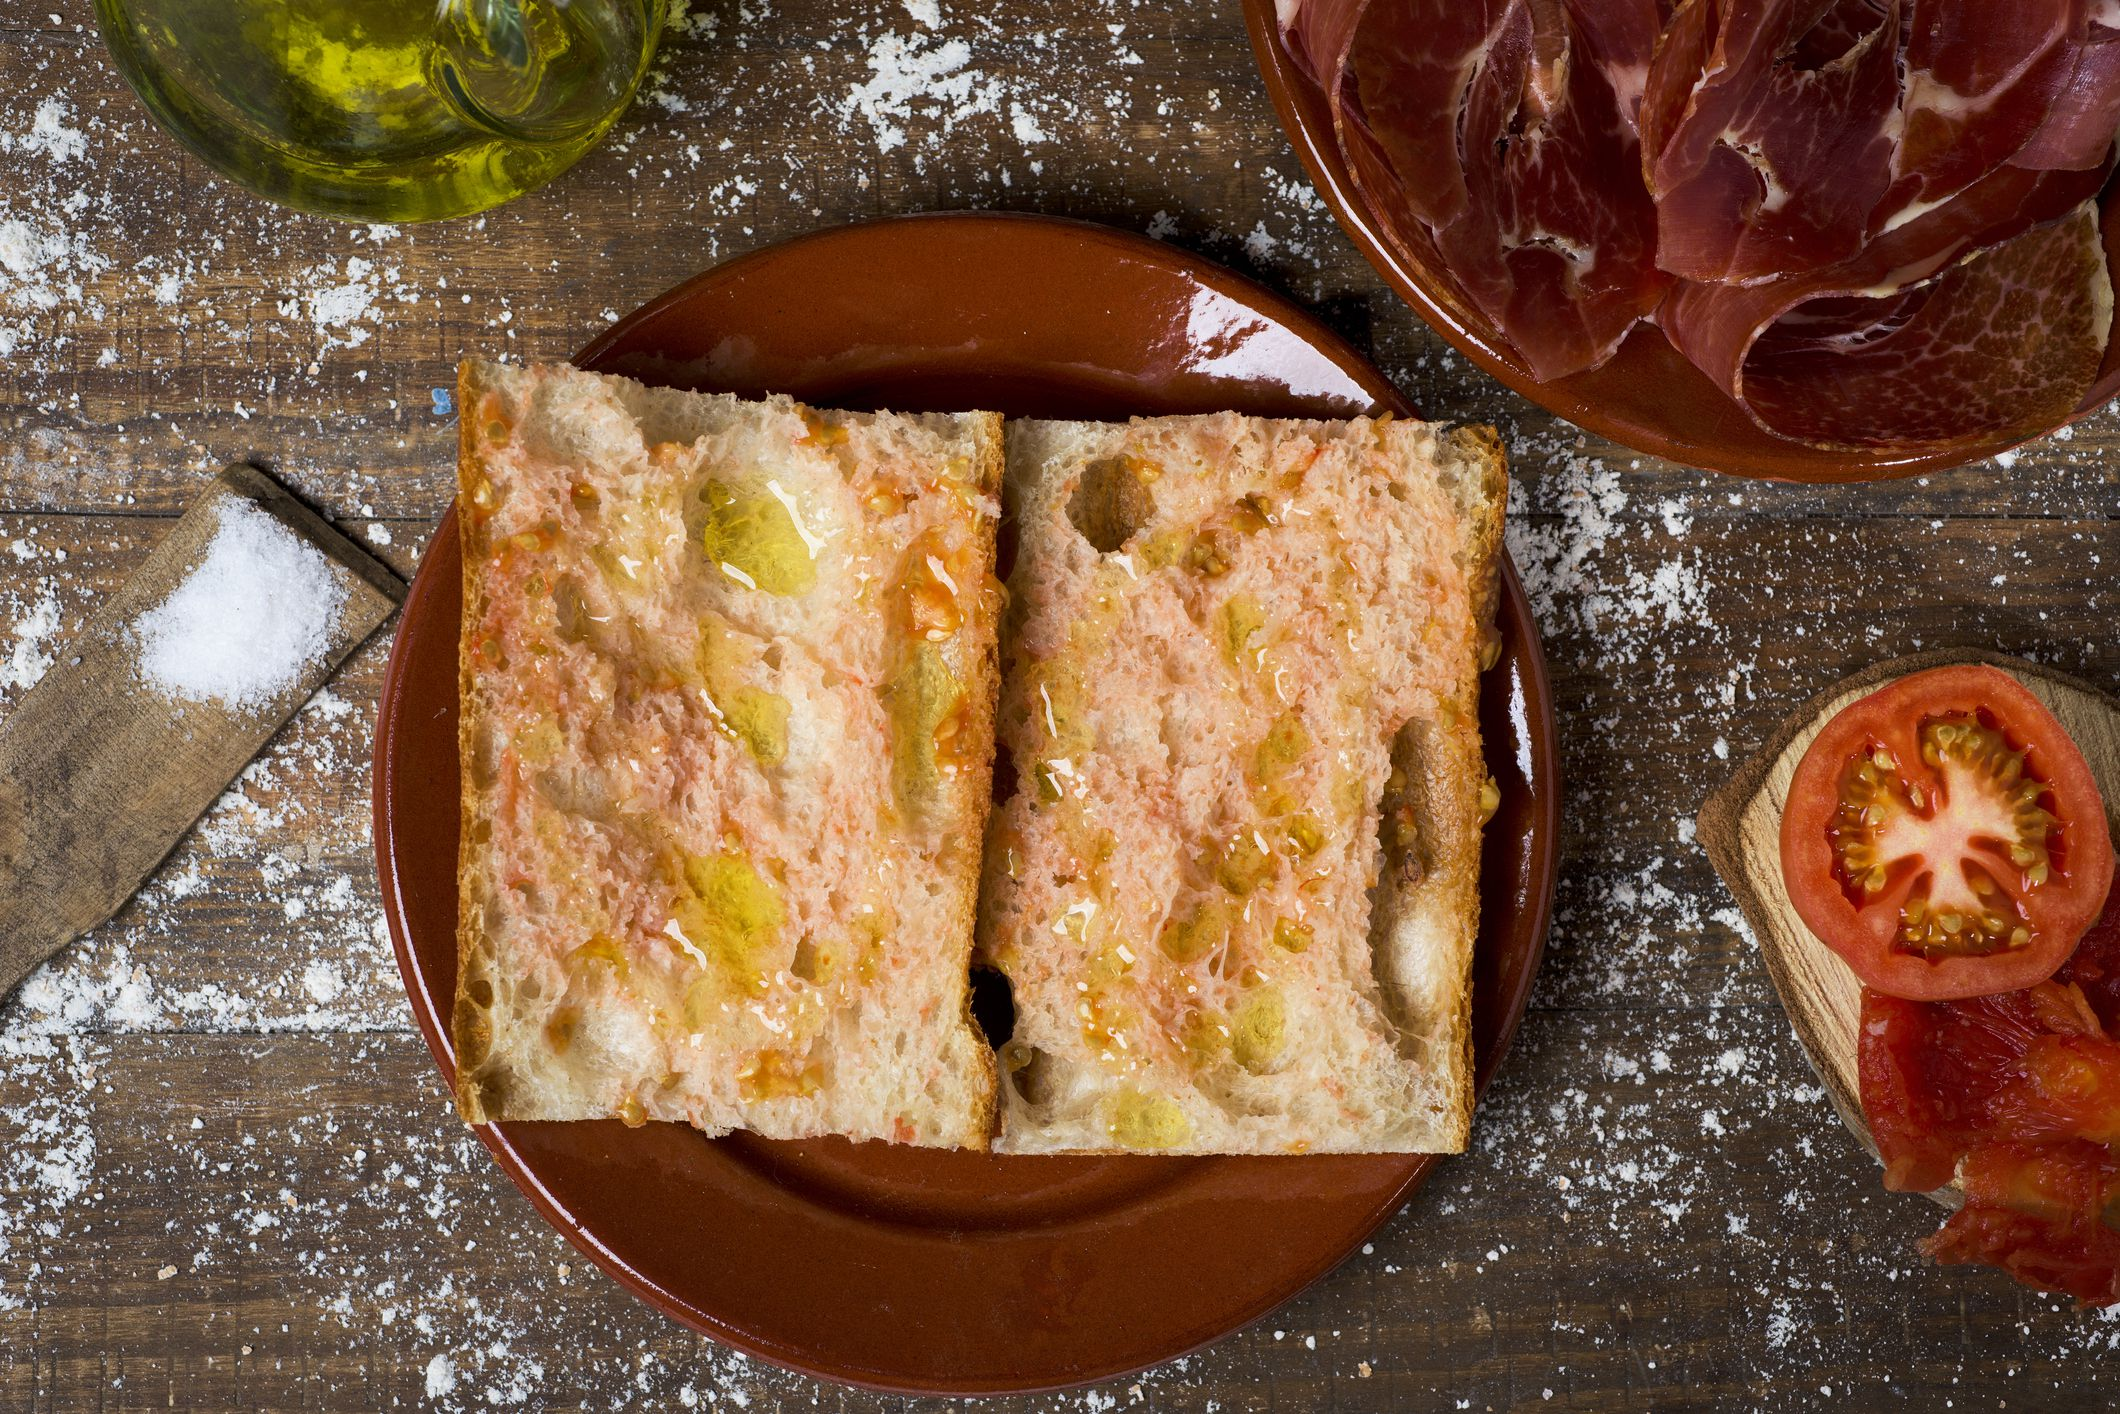 Pan con tomate and serrano ham